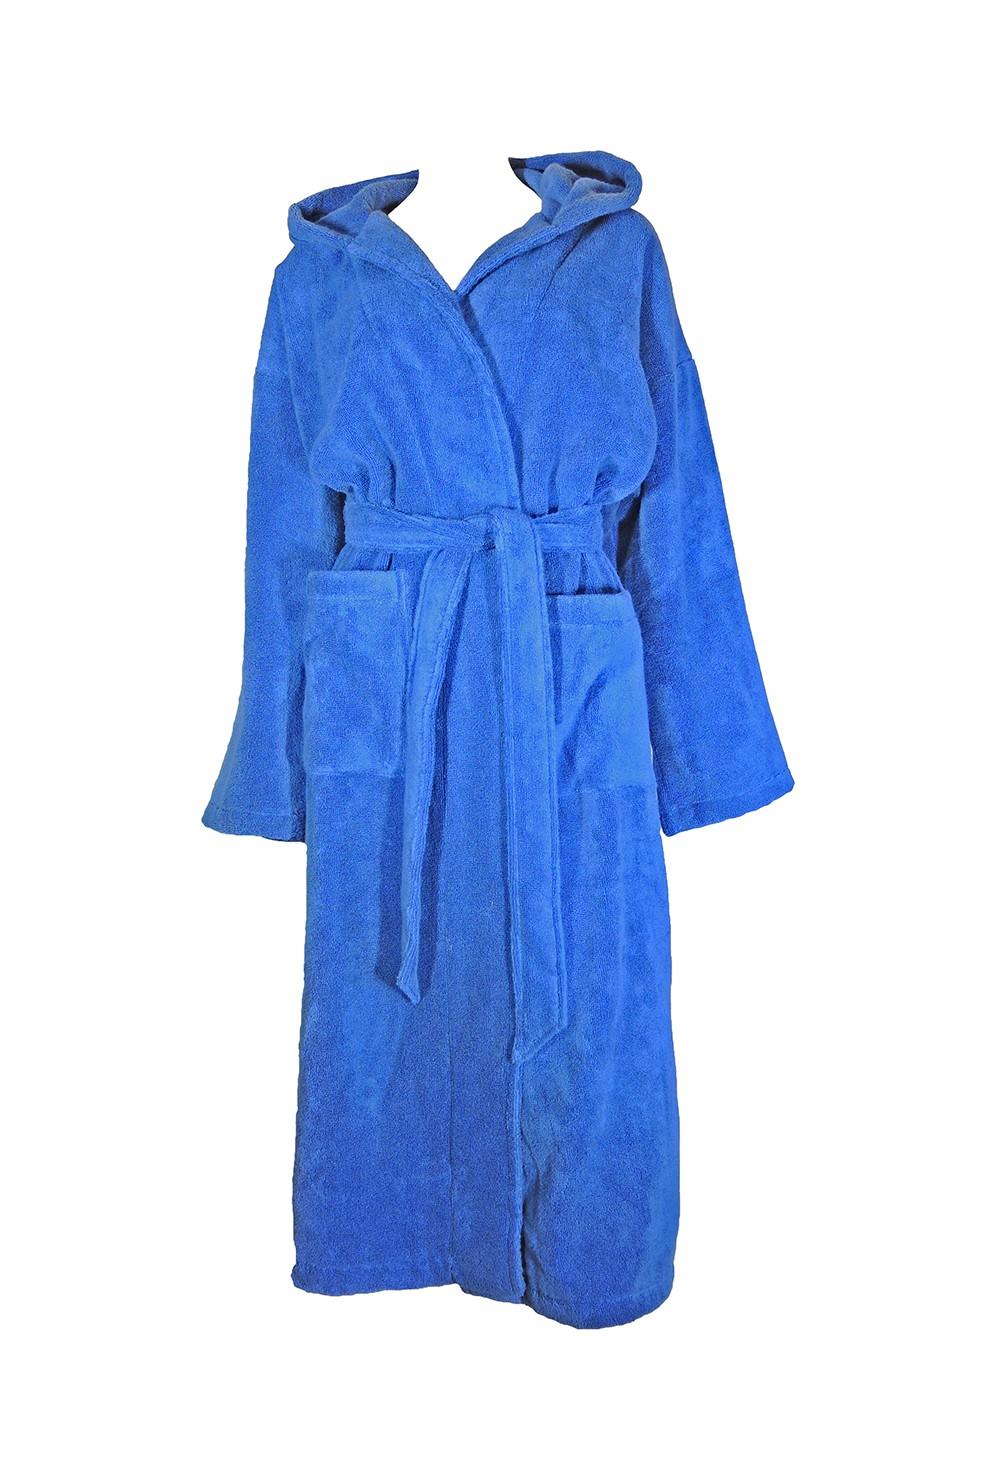 Kobaltblauwe badjas van zachte badstof voor tieners en dames van Egeria-0